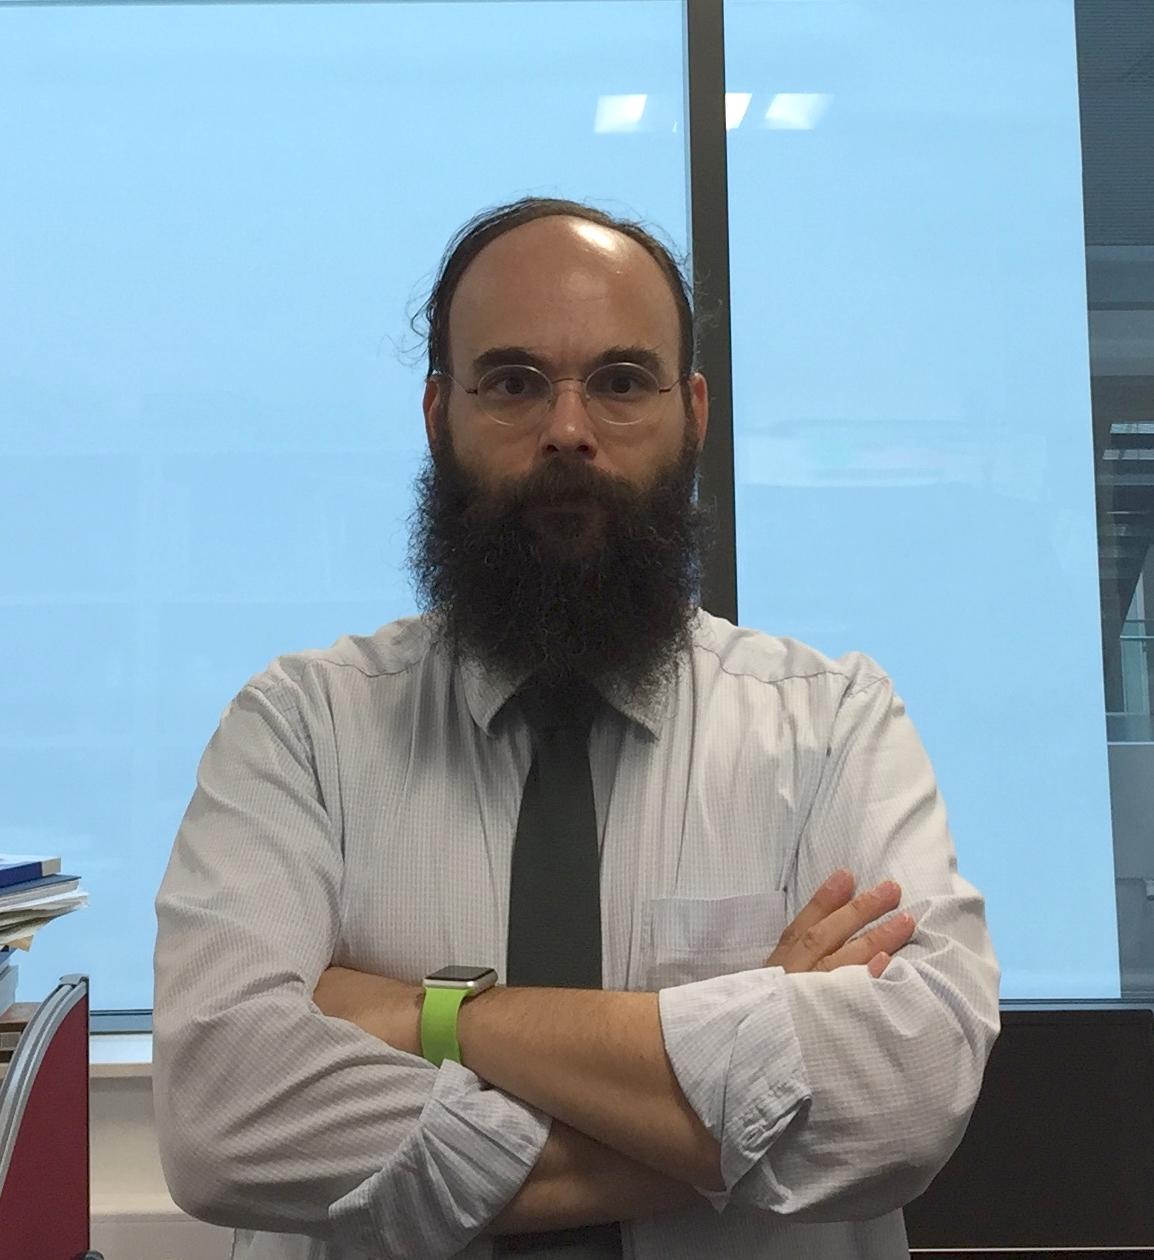 Νικολαος Καλαντζής, Ειδικός Δικαστικός Γραφολόγος